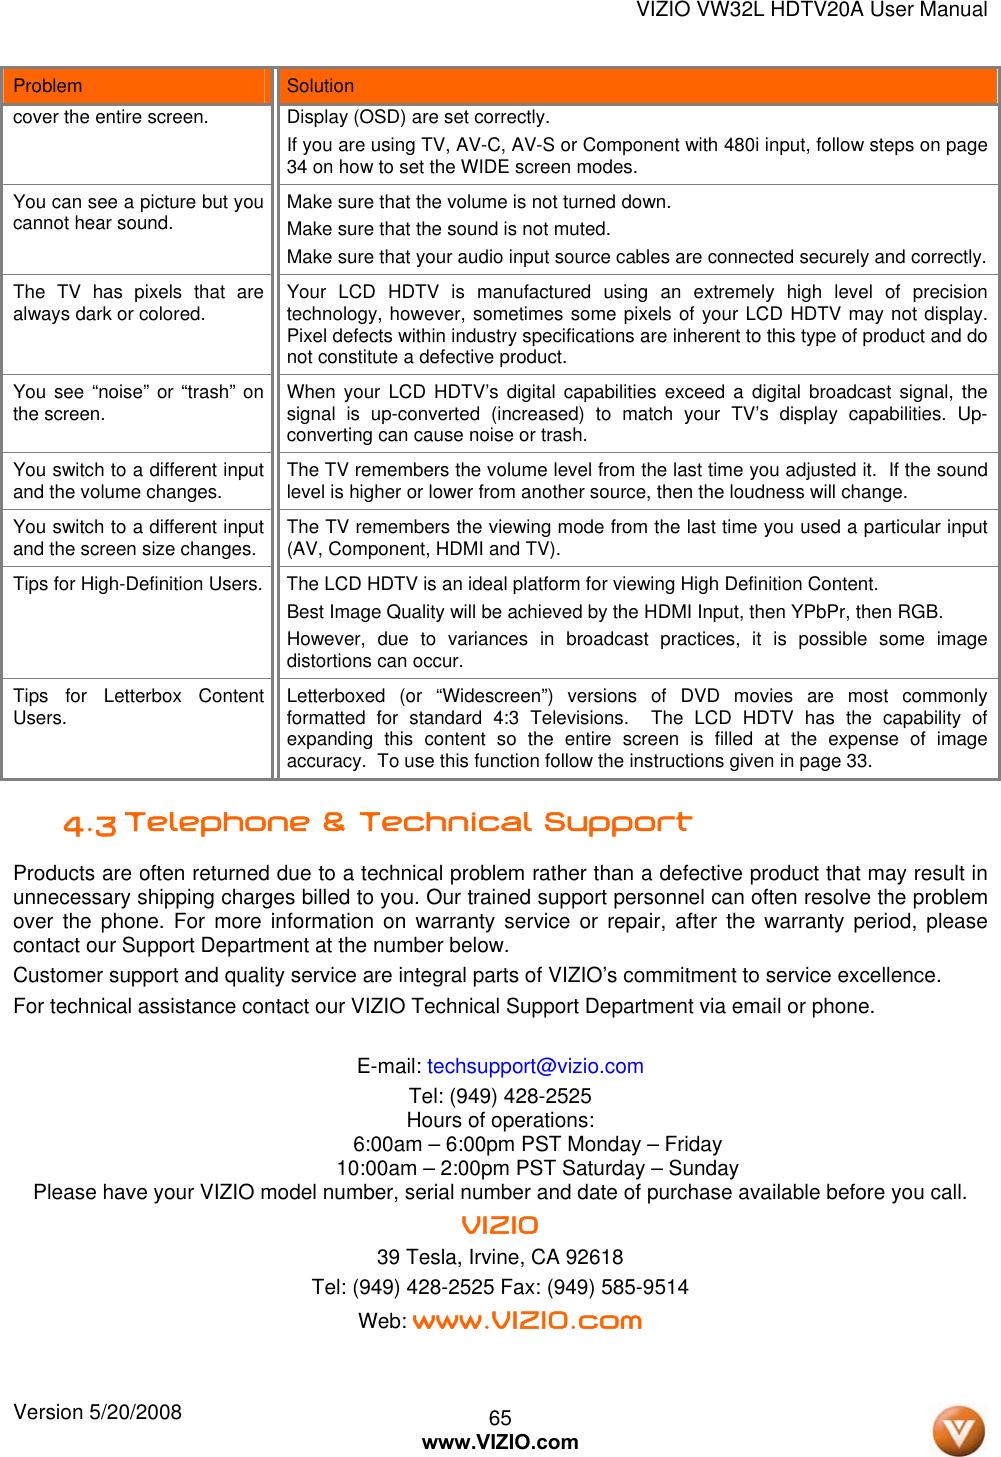 Vizio Hdtv30A Vw32L Users Manual